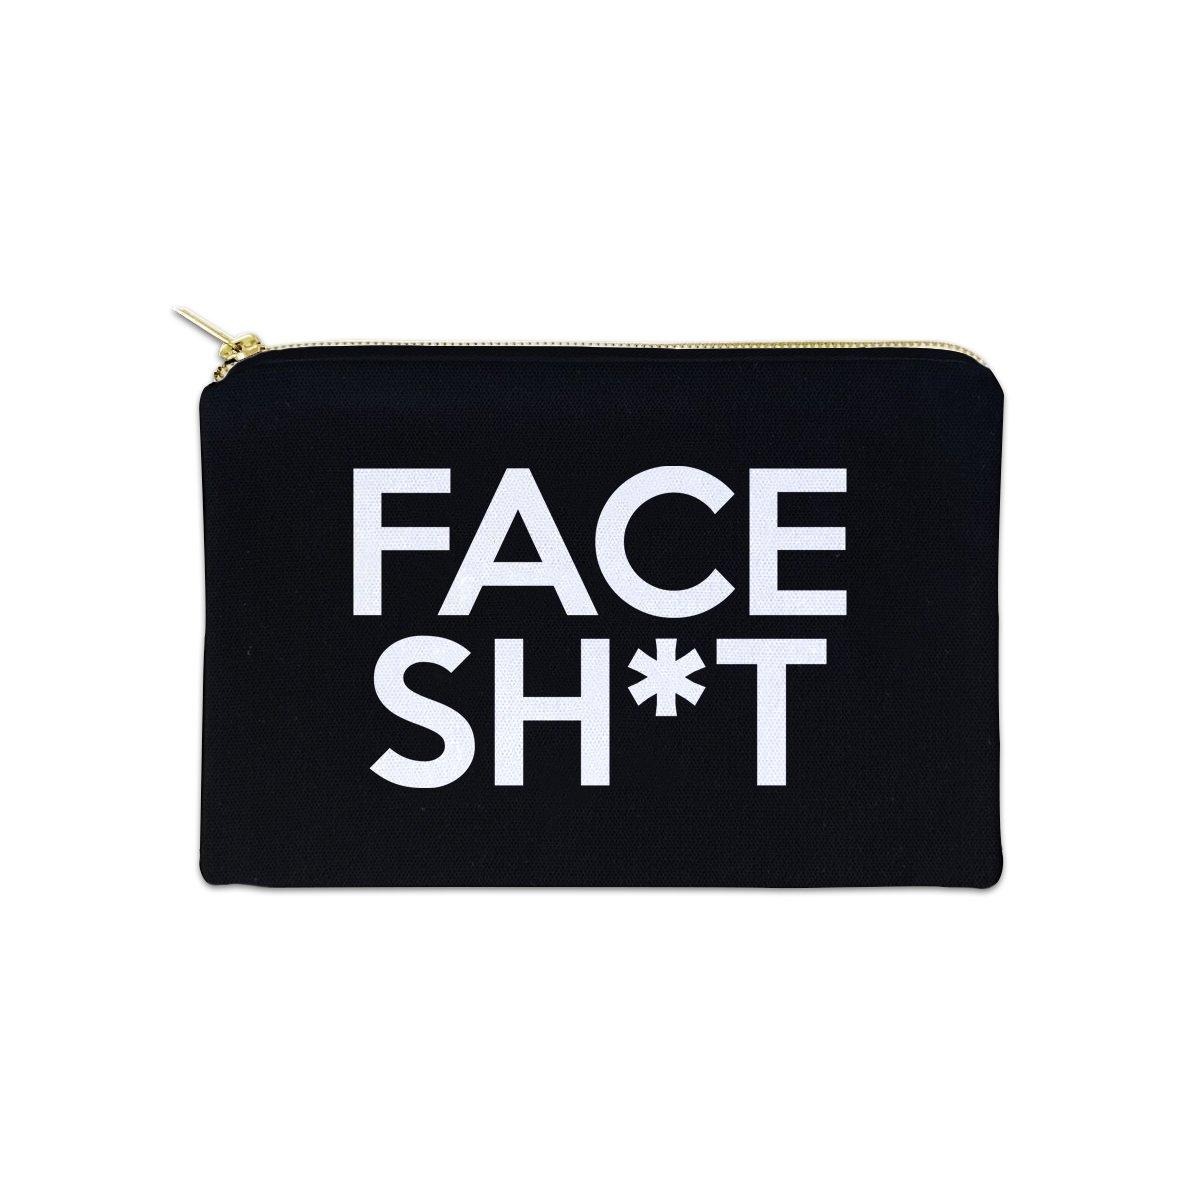 Face Sht 12 oz Cosmetic Makeup Cotton Canvas Bag - (Black Canvas)